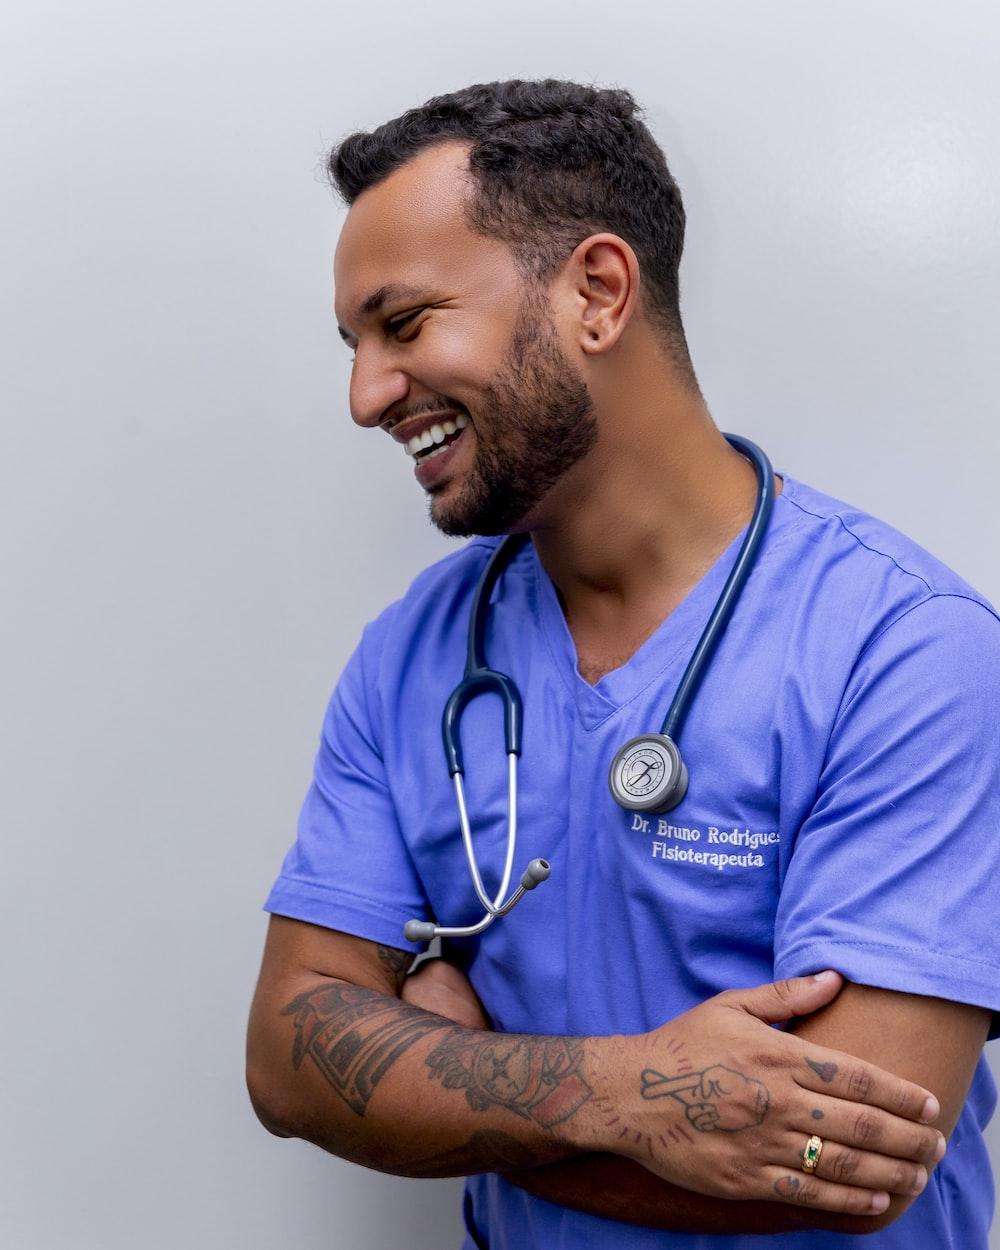 man in blue scrub suit wearing blue stethoscope